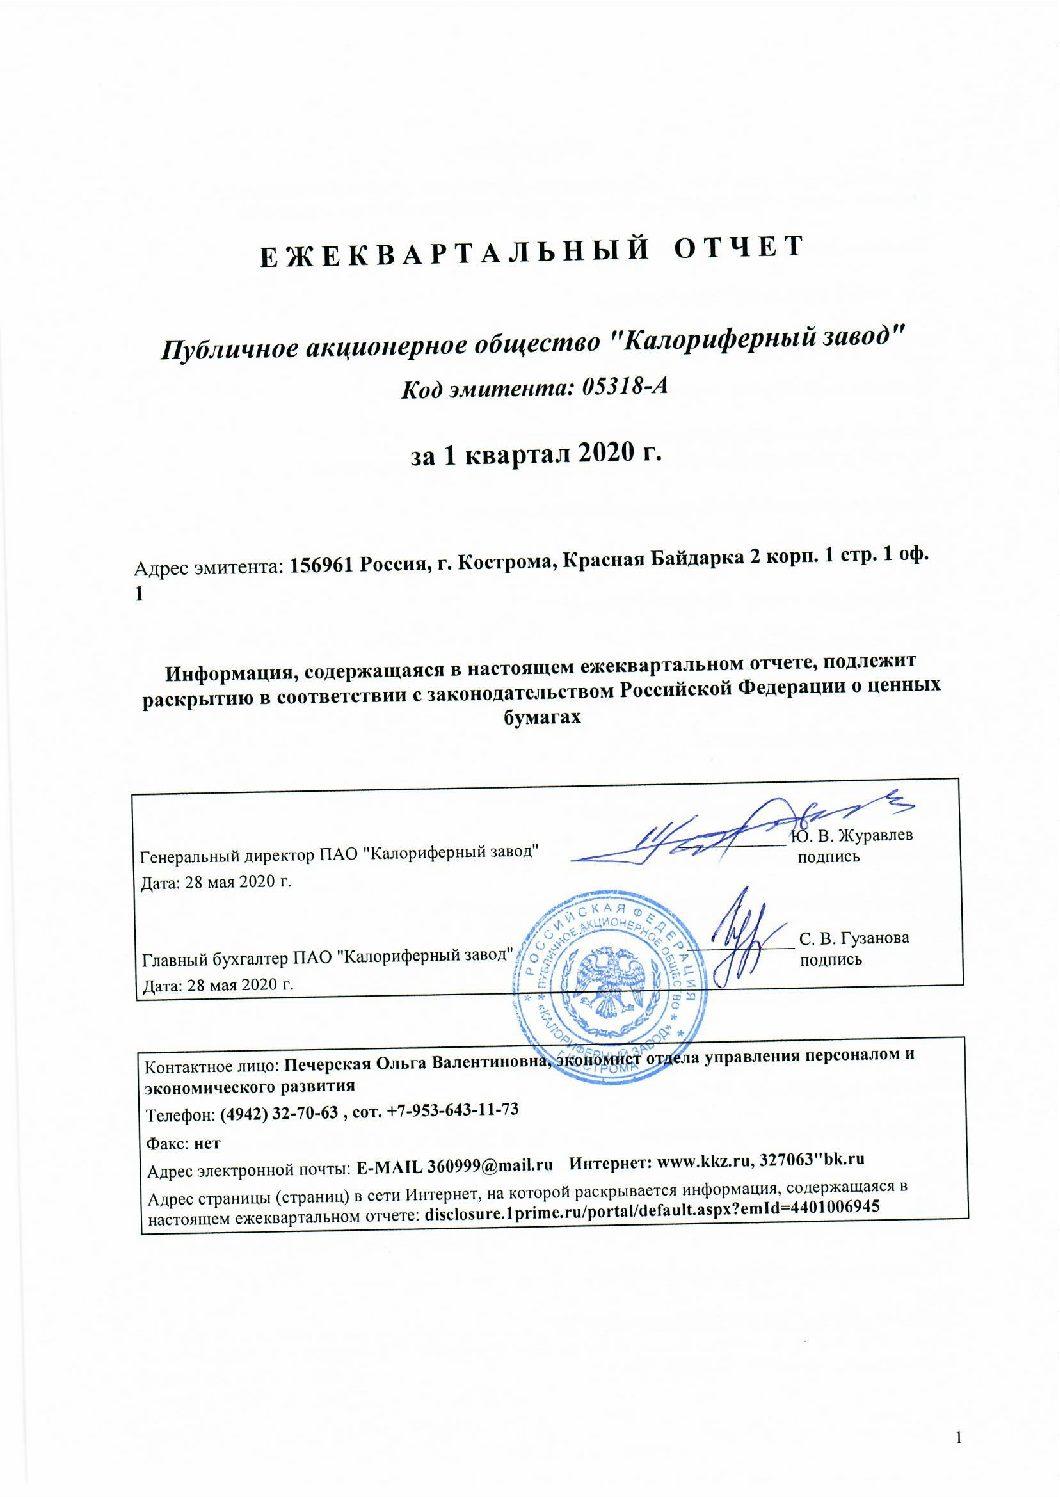 Ежеквартальный отчет эмитента ценных бумаг за 1 квартал 2020 года.